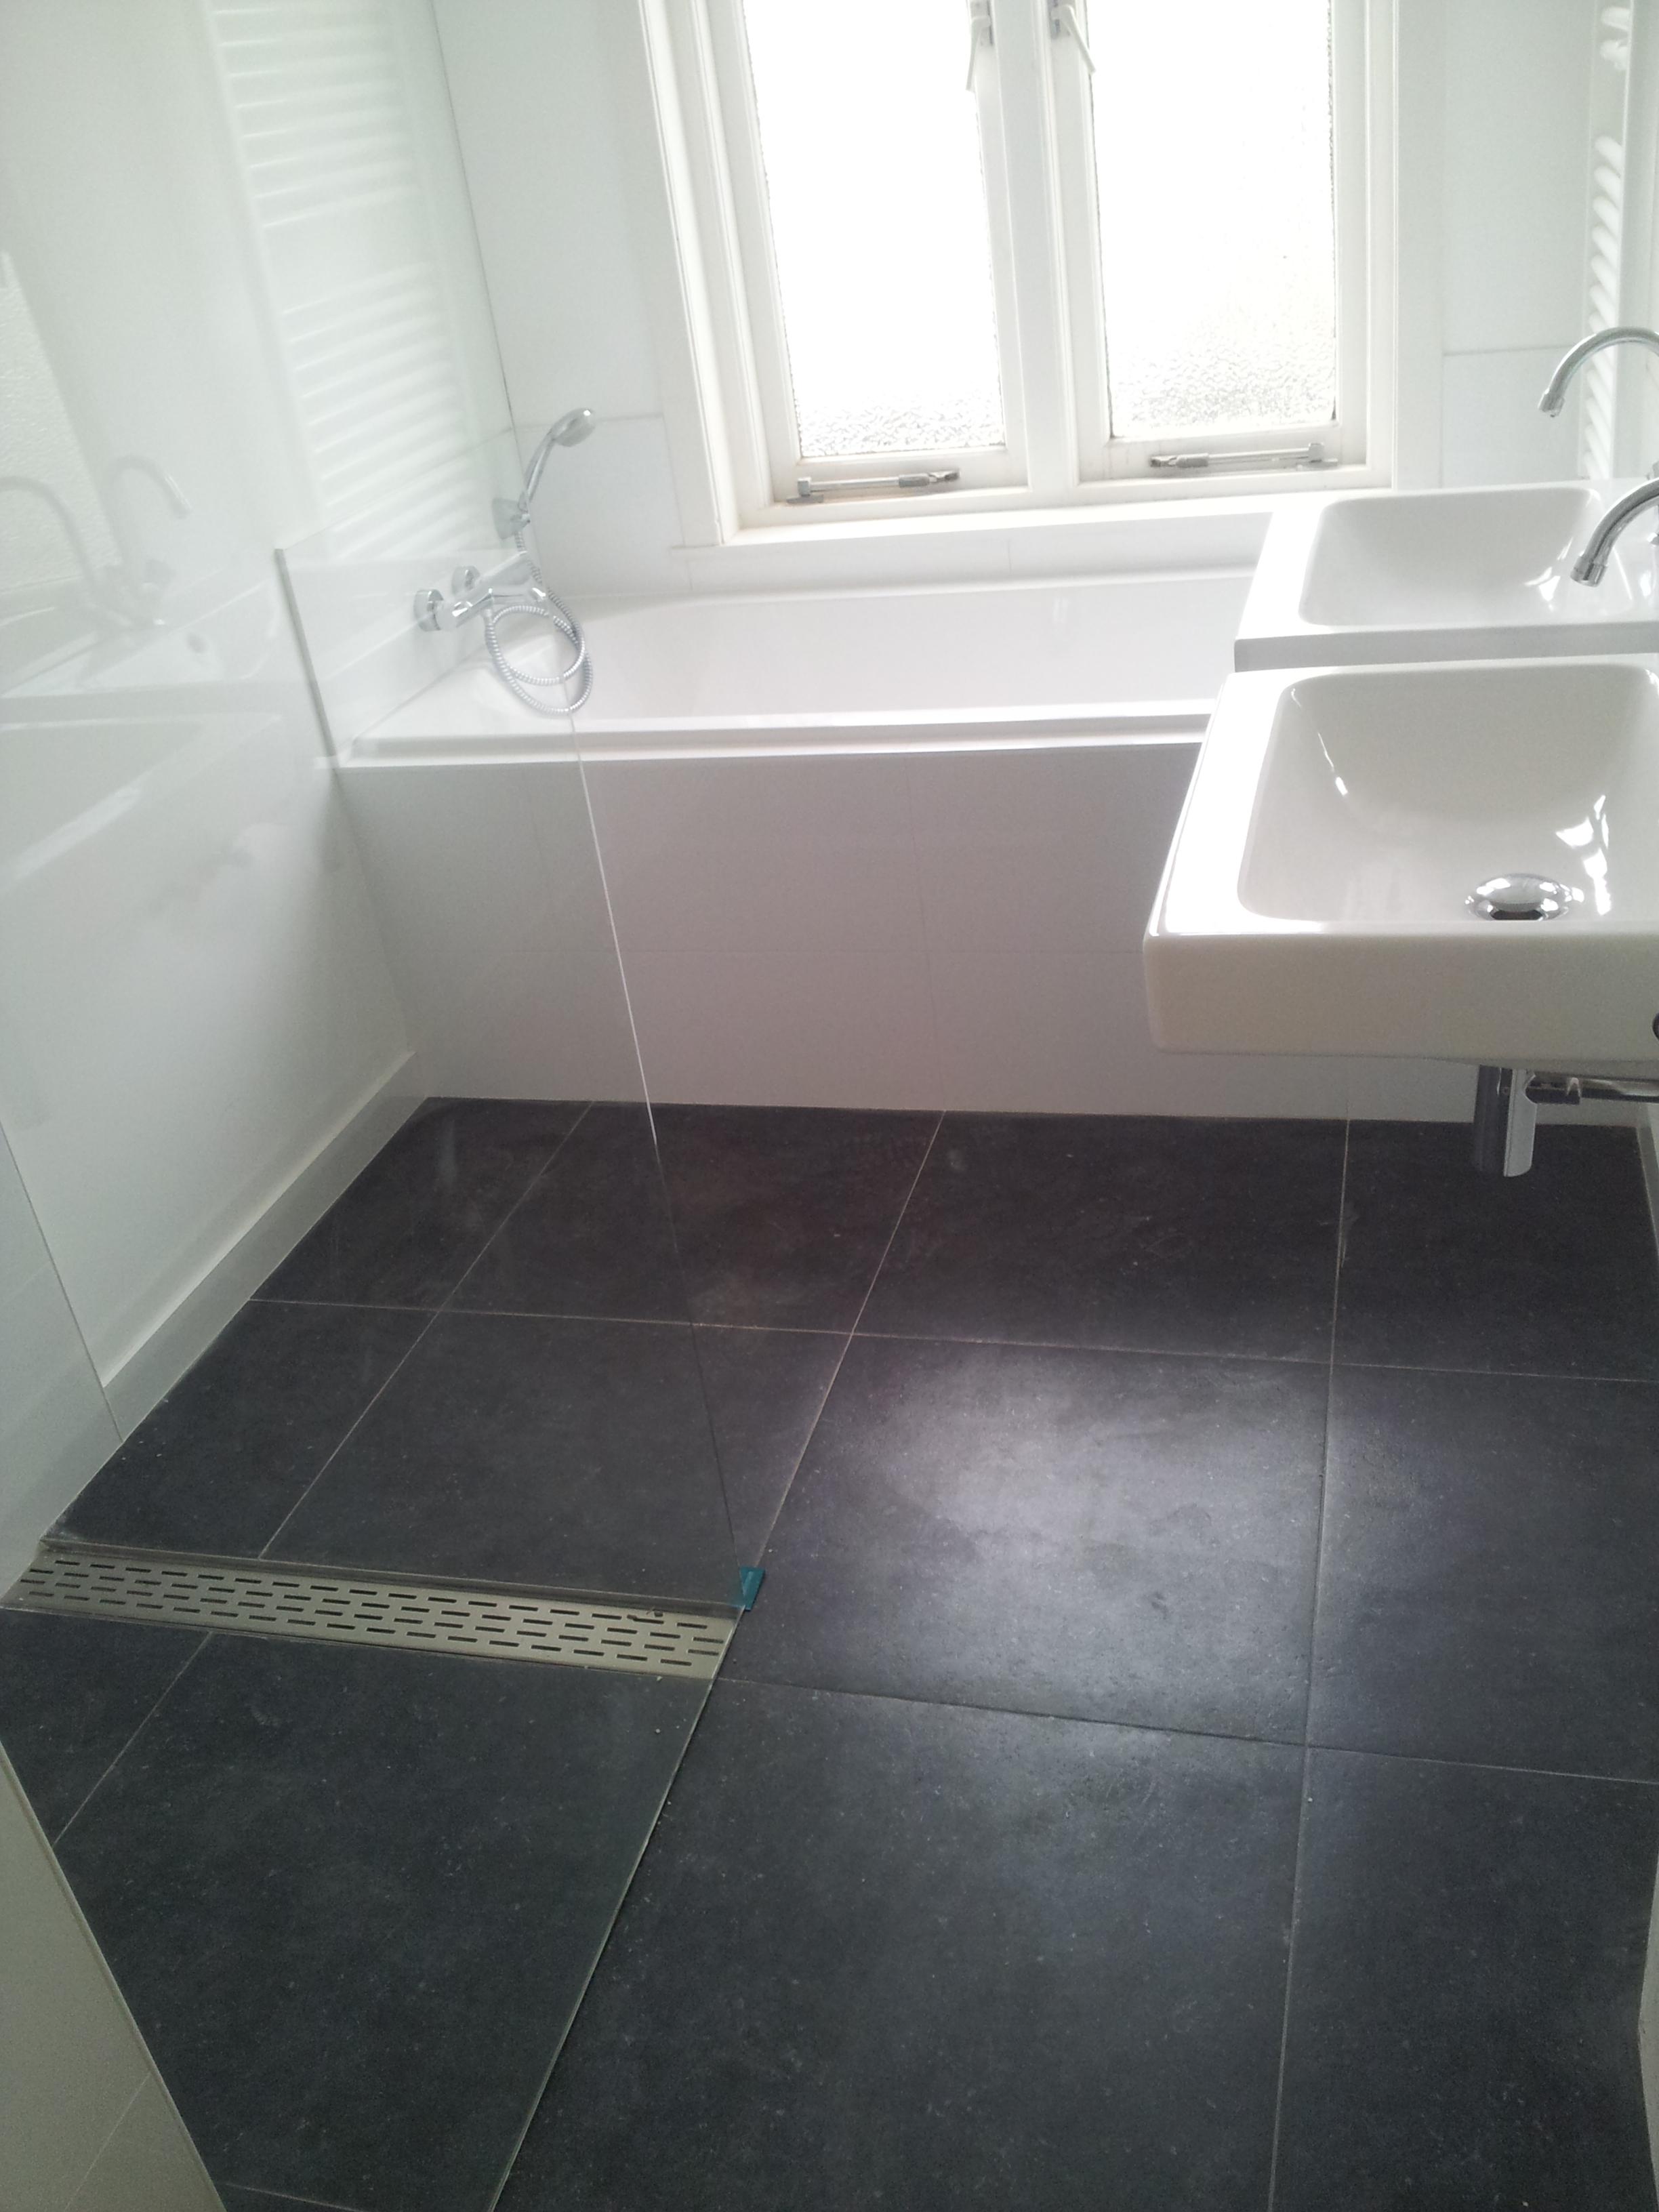 20170328 025714 vloertegels in badkamer - Imitatie cement tegels ...